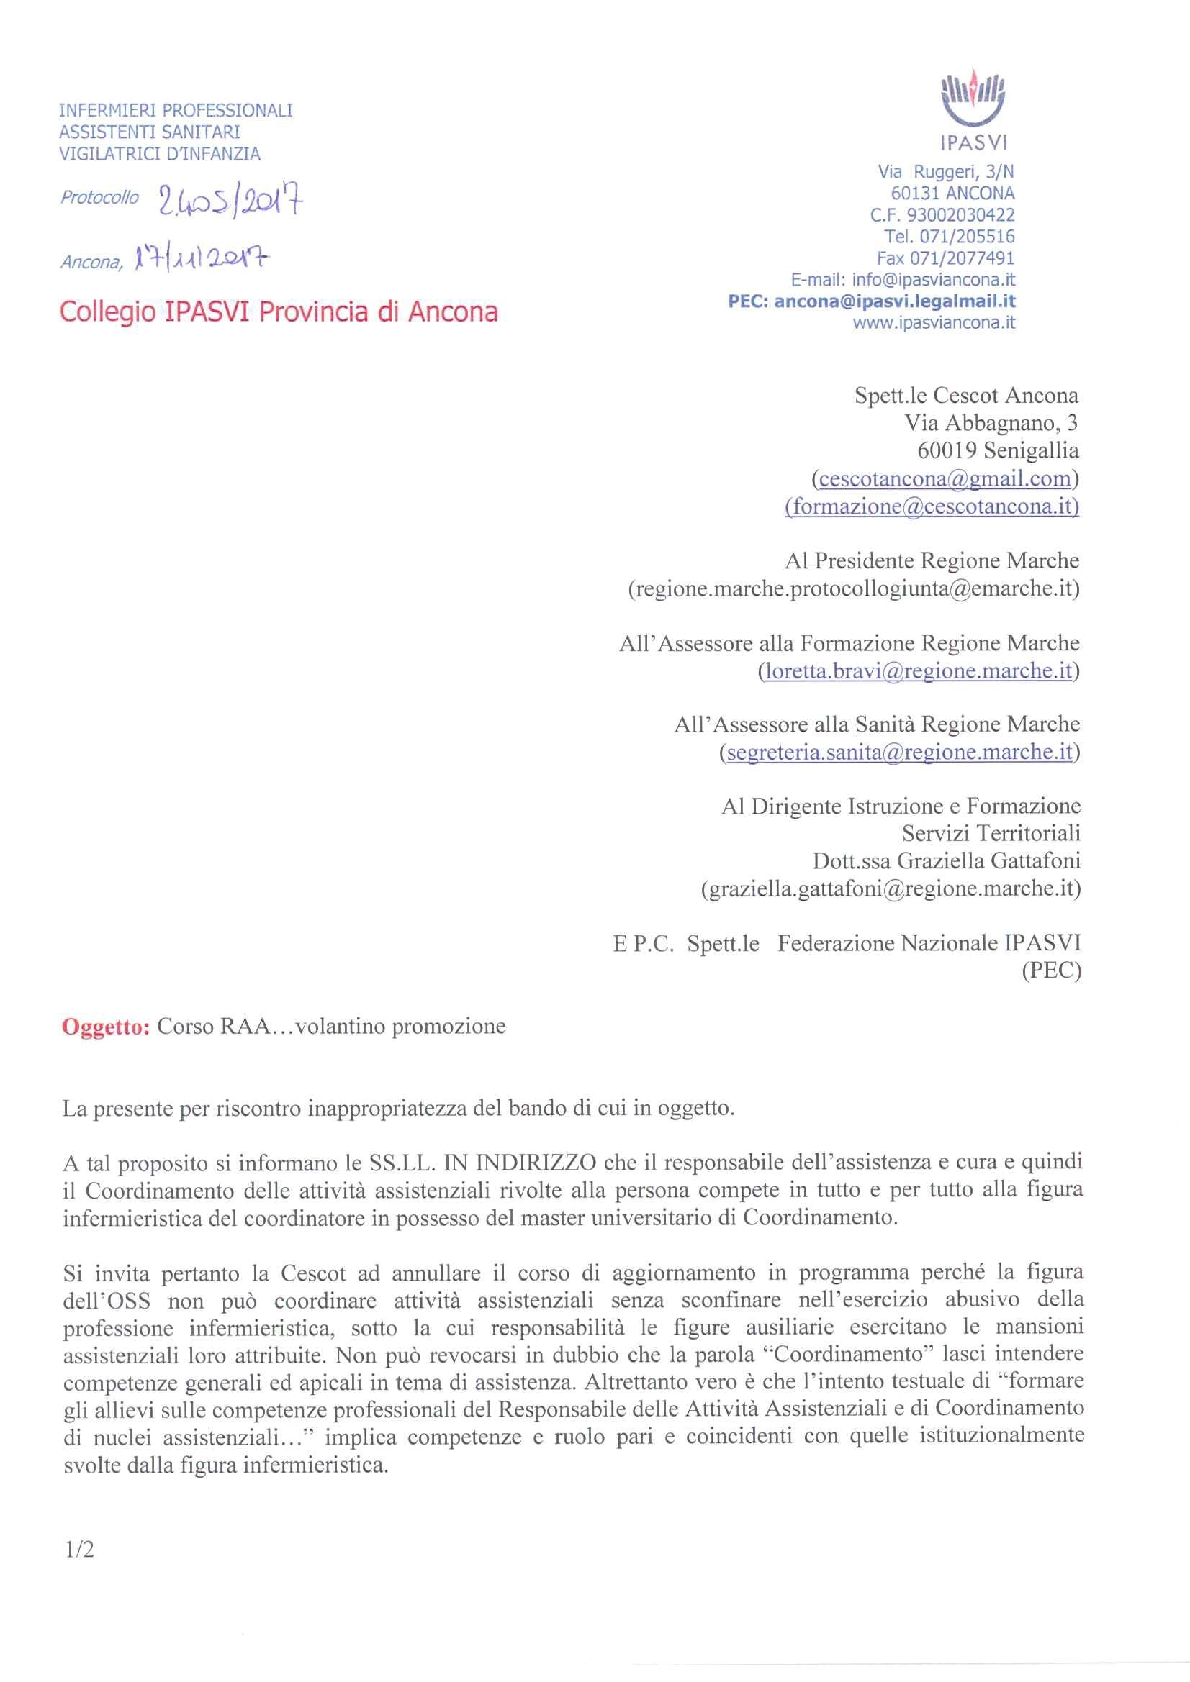 Nelle Marche gli Oss non coordineranno gli Infermieri: Ipasvi Ancona blocca il corso RAA 2